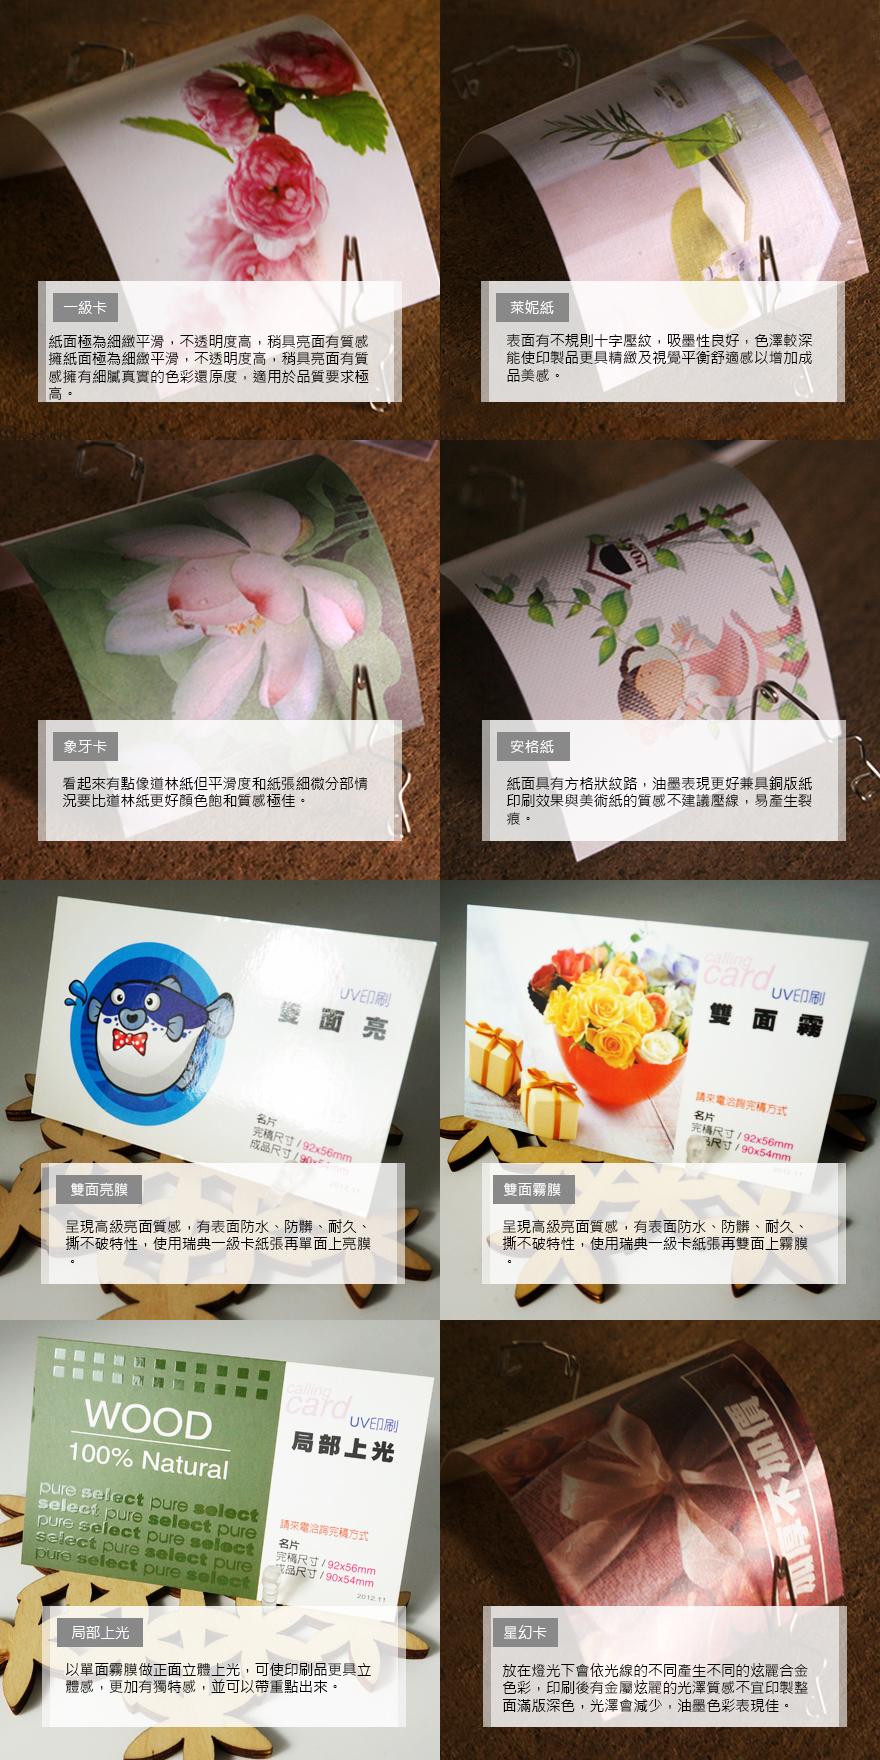 2015_07_14_邀請卡、賀卡_1